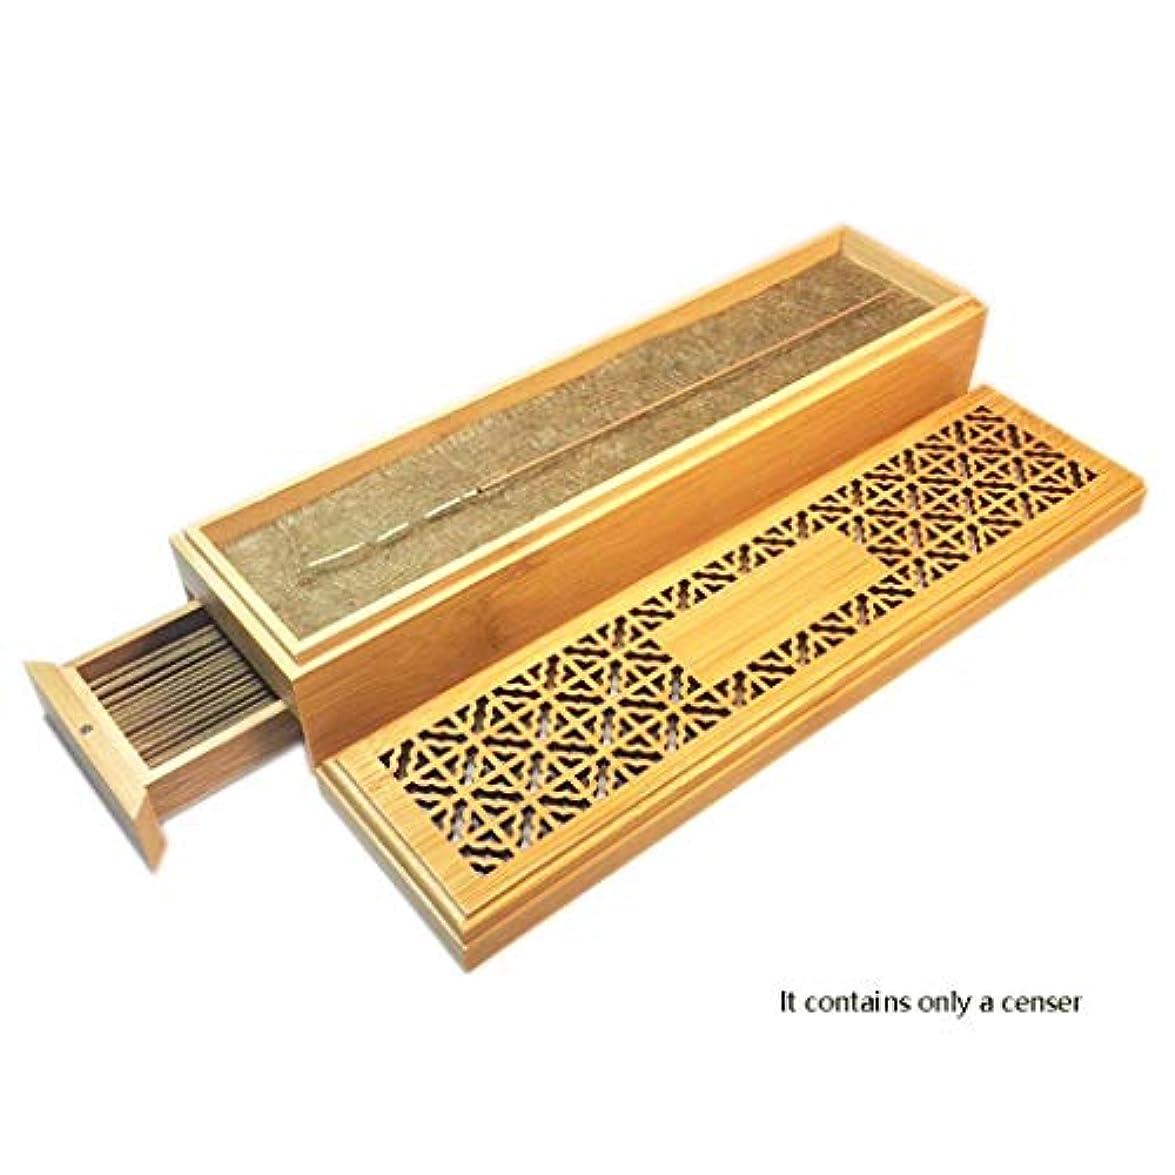 正しい寓話公平な芳香器?アロマバーナー 竹製お香バーナー引き出し付スティック収納ボックス中空木製ケースボックスIncensoスティックホルダー アロマバーナー芳香器 (Color : Natural)